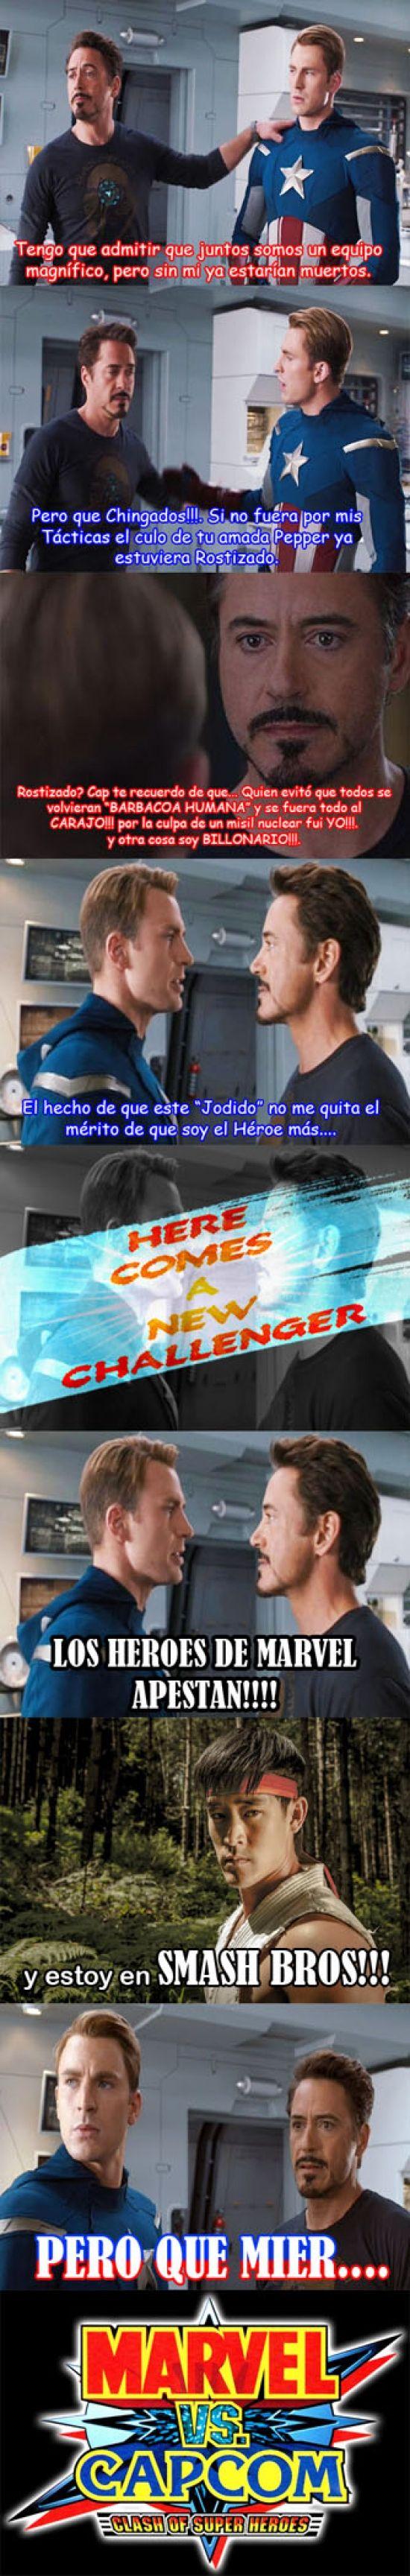 ¡A New Challenger! La Civil War se complica todavía más        Gracias a http://www.cuantocabron.com/   Si quieres leer la noticia completa visita: http://www.estoy-aburrido.com/a-new-challenger-la-civil-war-se-complica-todavia-mas/